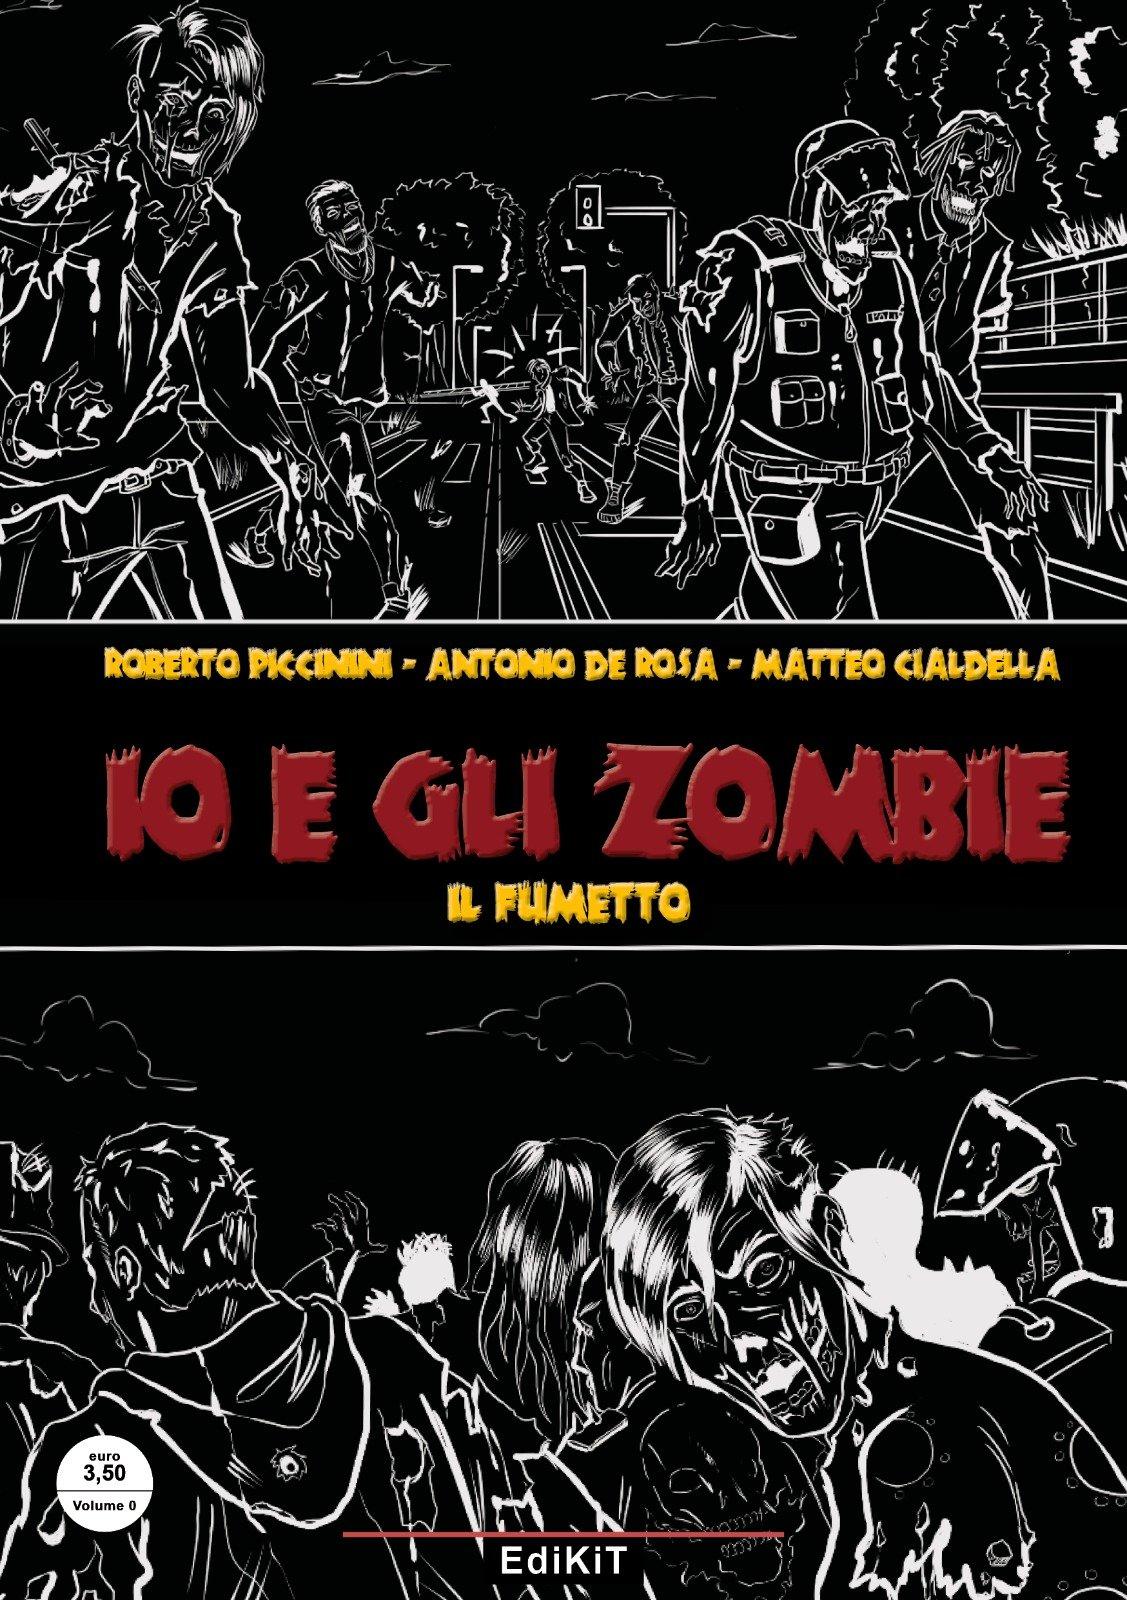 Io e gli Zombie, il fumetto